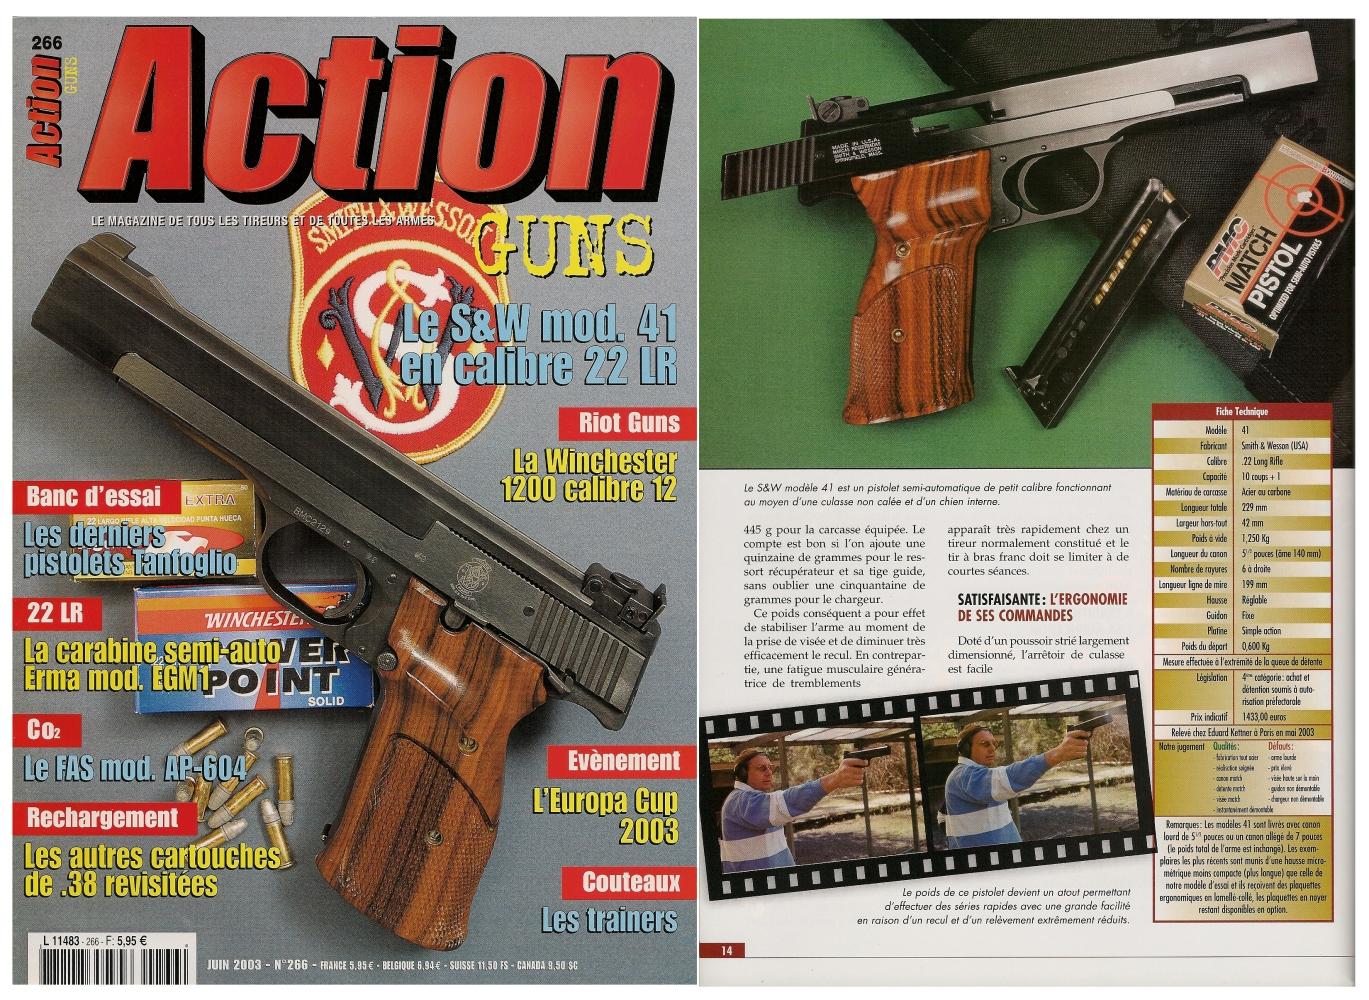 Le banc d'essai du pistolet Smith & Wesson modèle 41 a été publié sur 8 pages dans le magazine Action Guns n°266 (juin 2003).